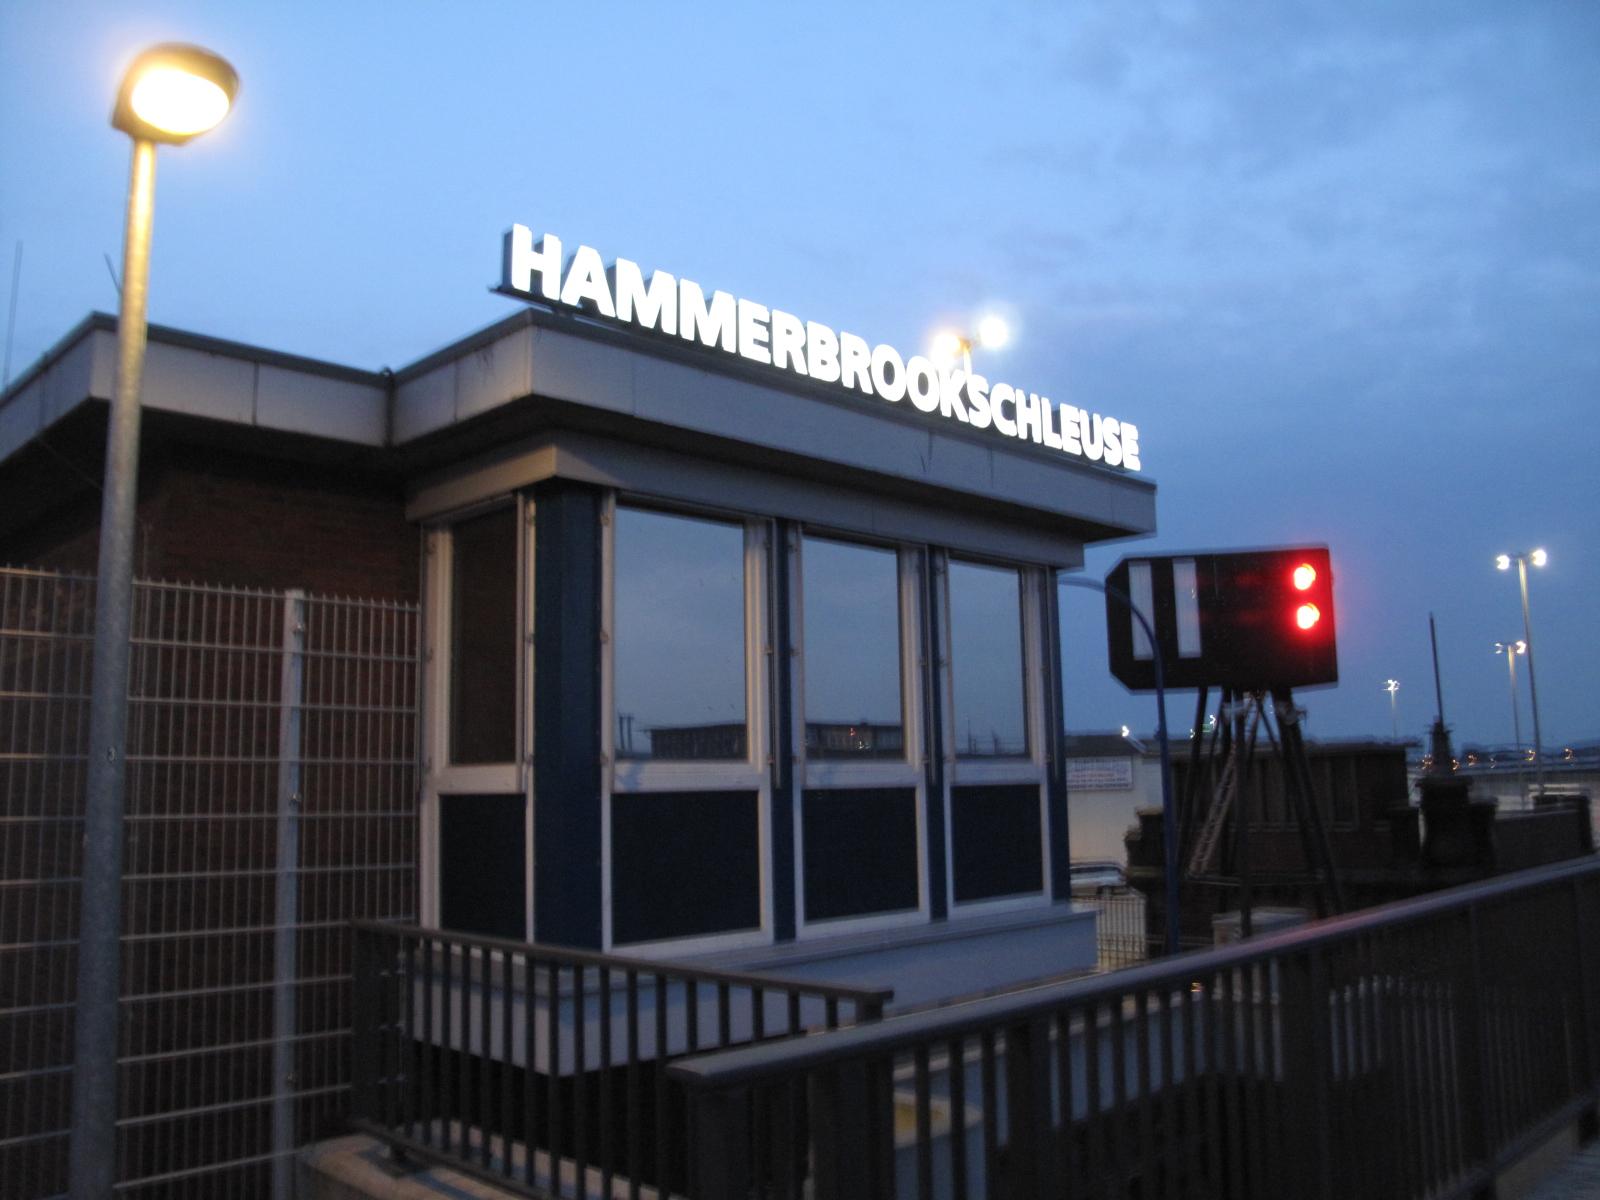 Schleuse Hammerbrook